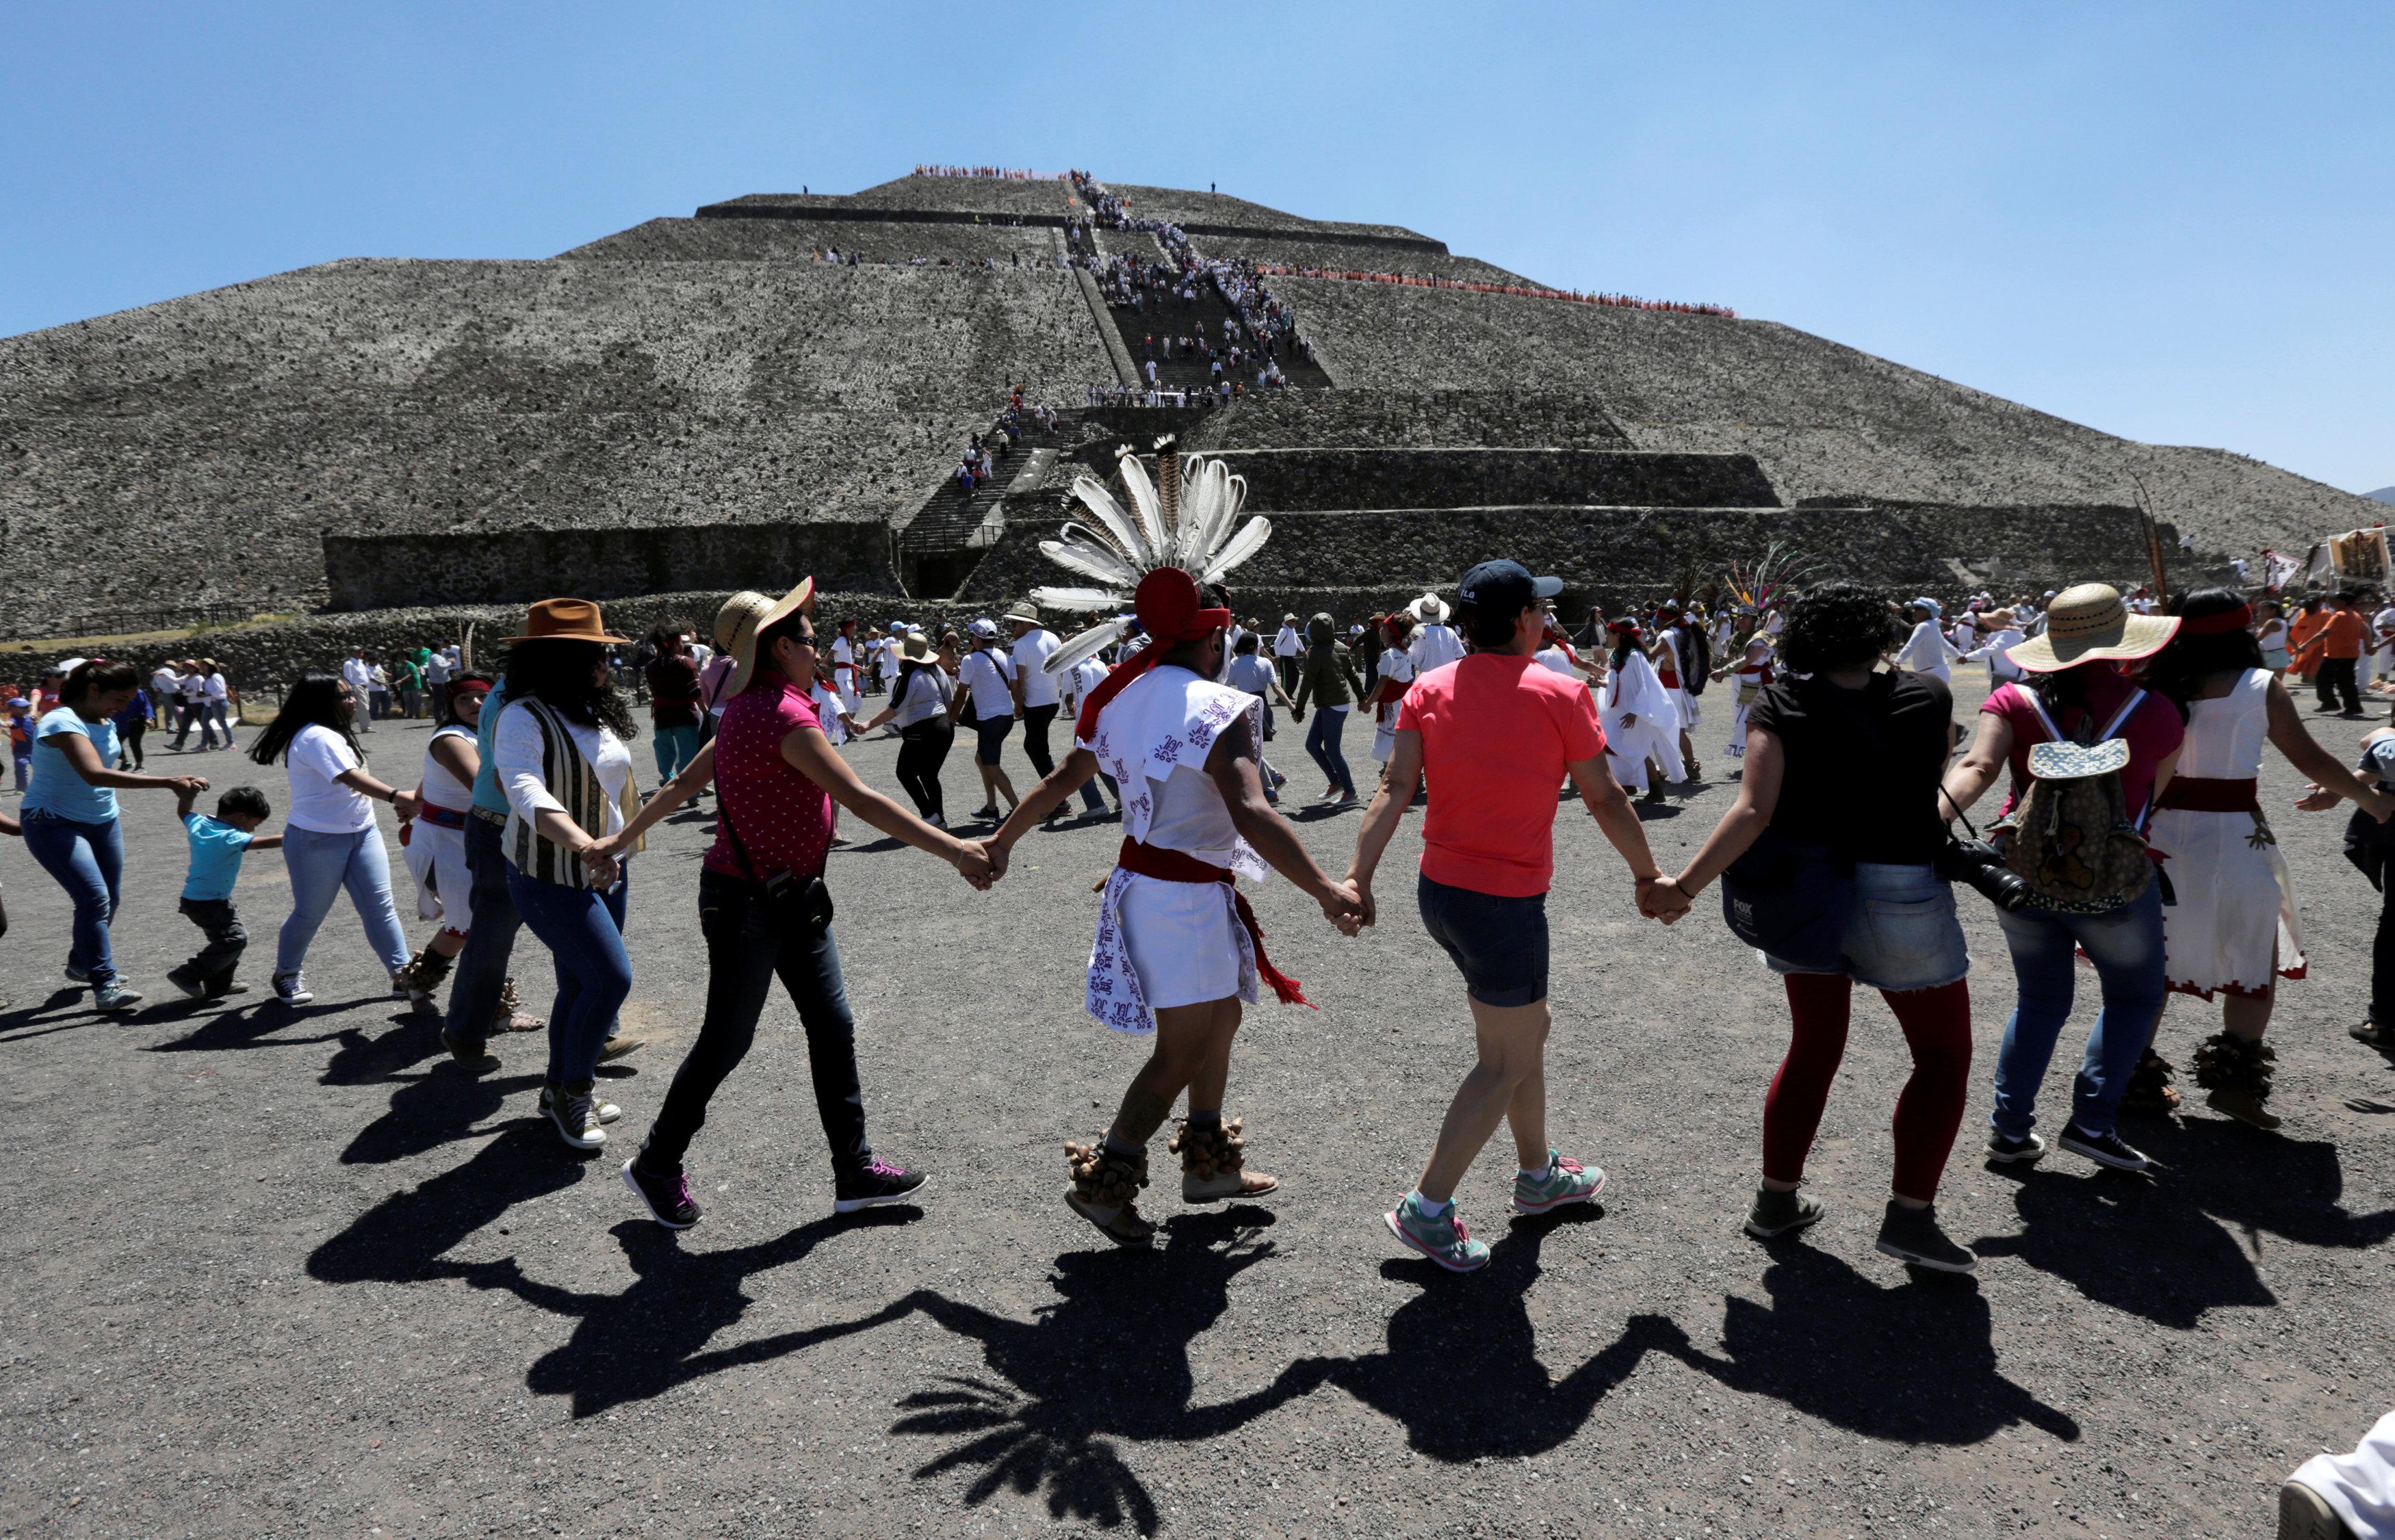 مواطنون يستقبلون الربيع  فى المكسيك